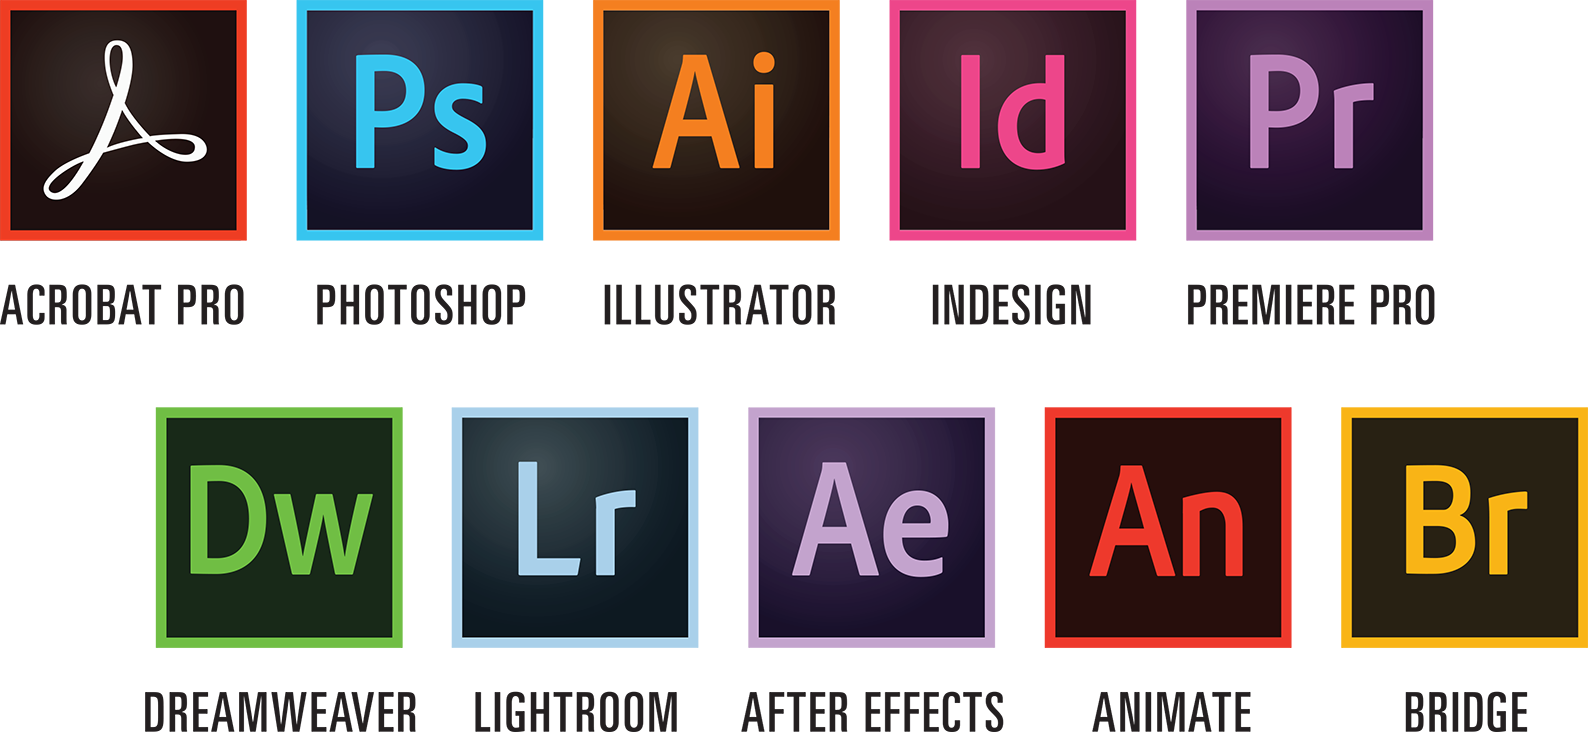 Avis Adobe Creative Cloud : Un accès aux applications de vidéo, design, photo et web - appvizer